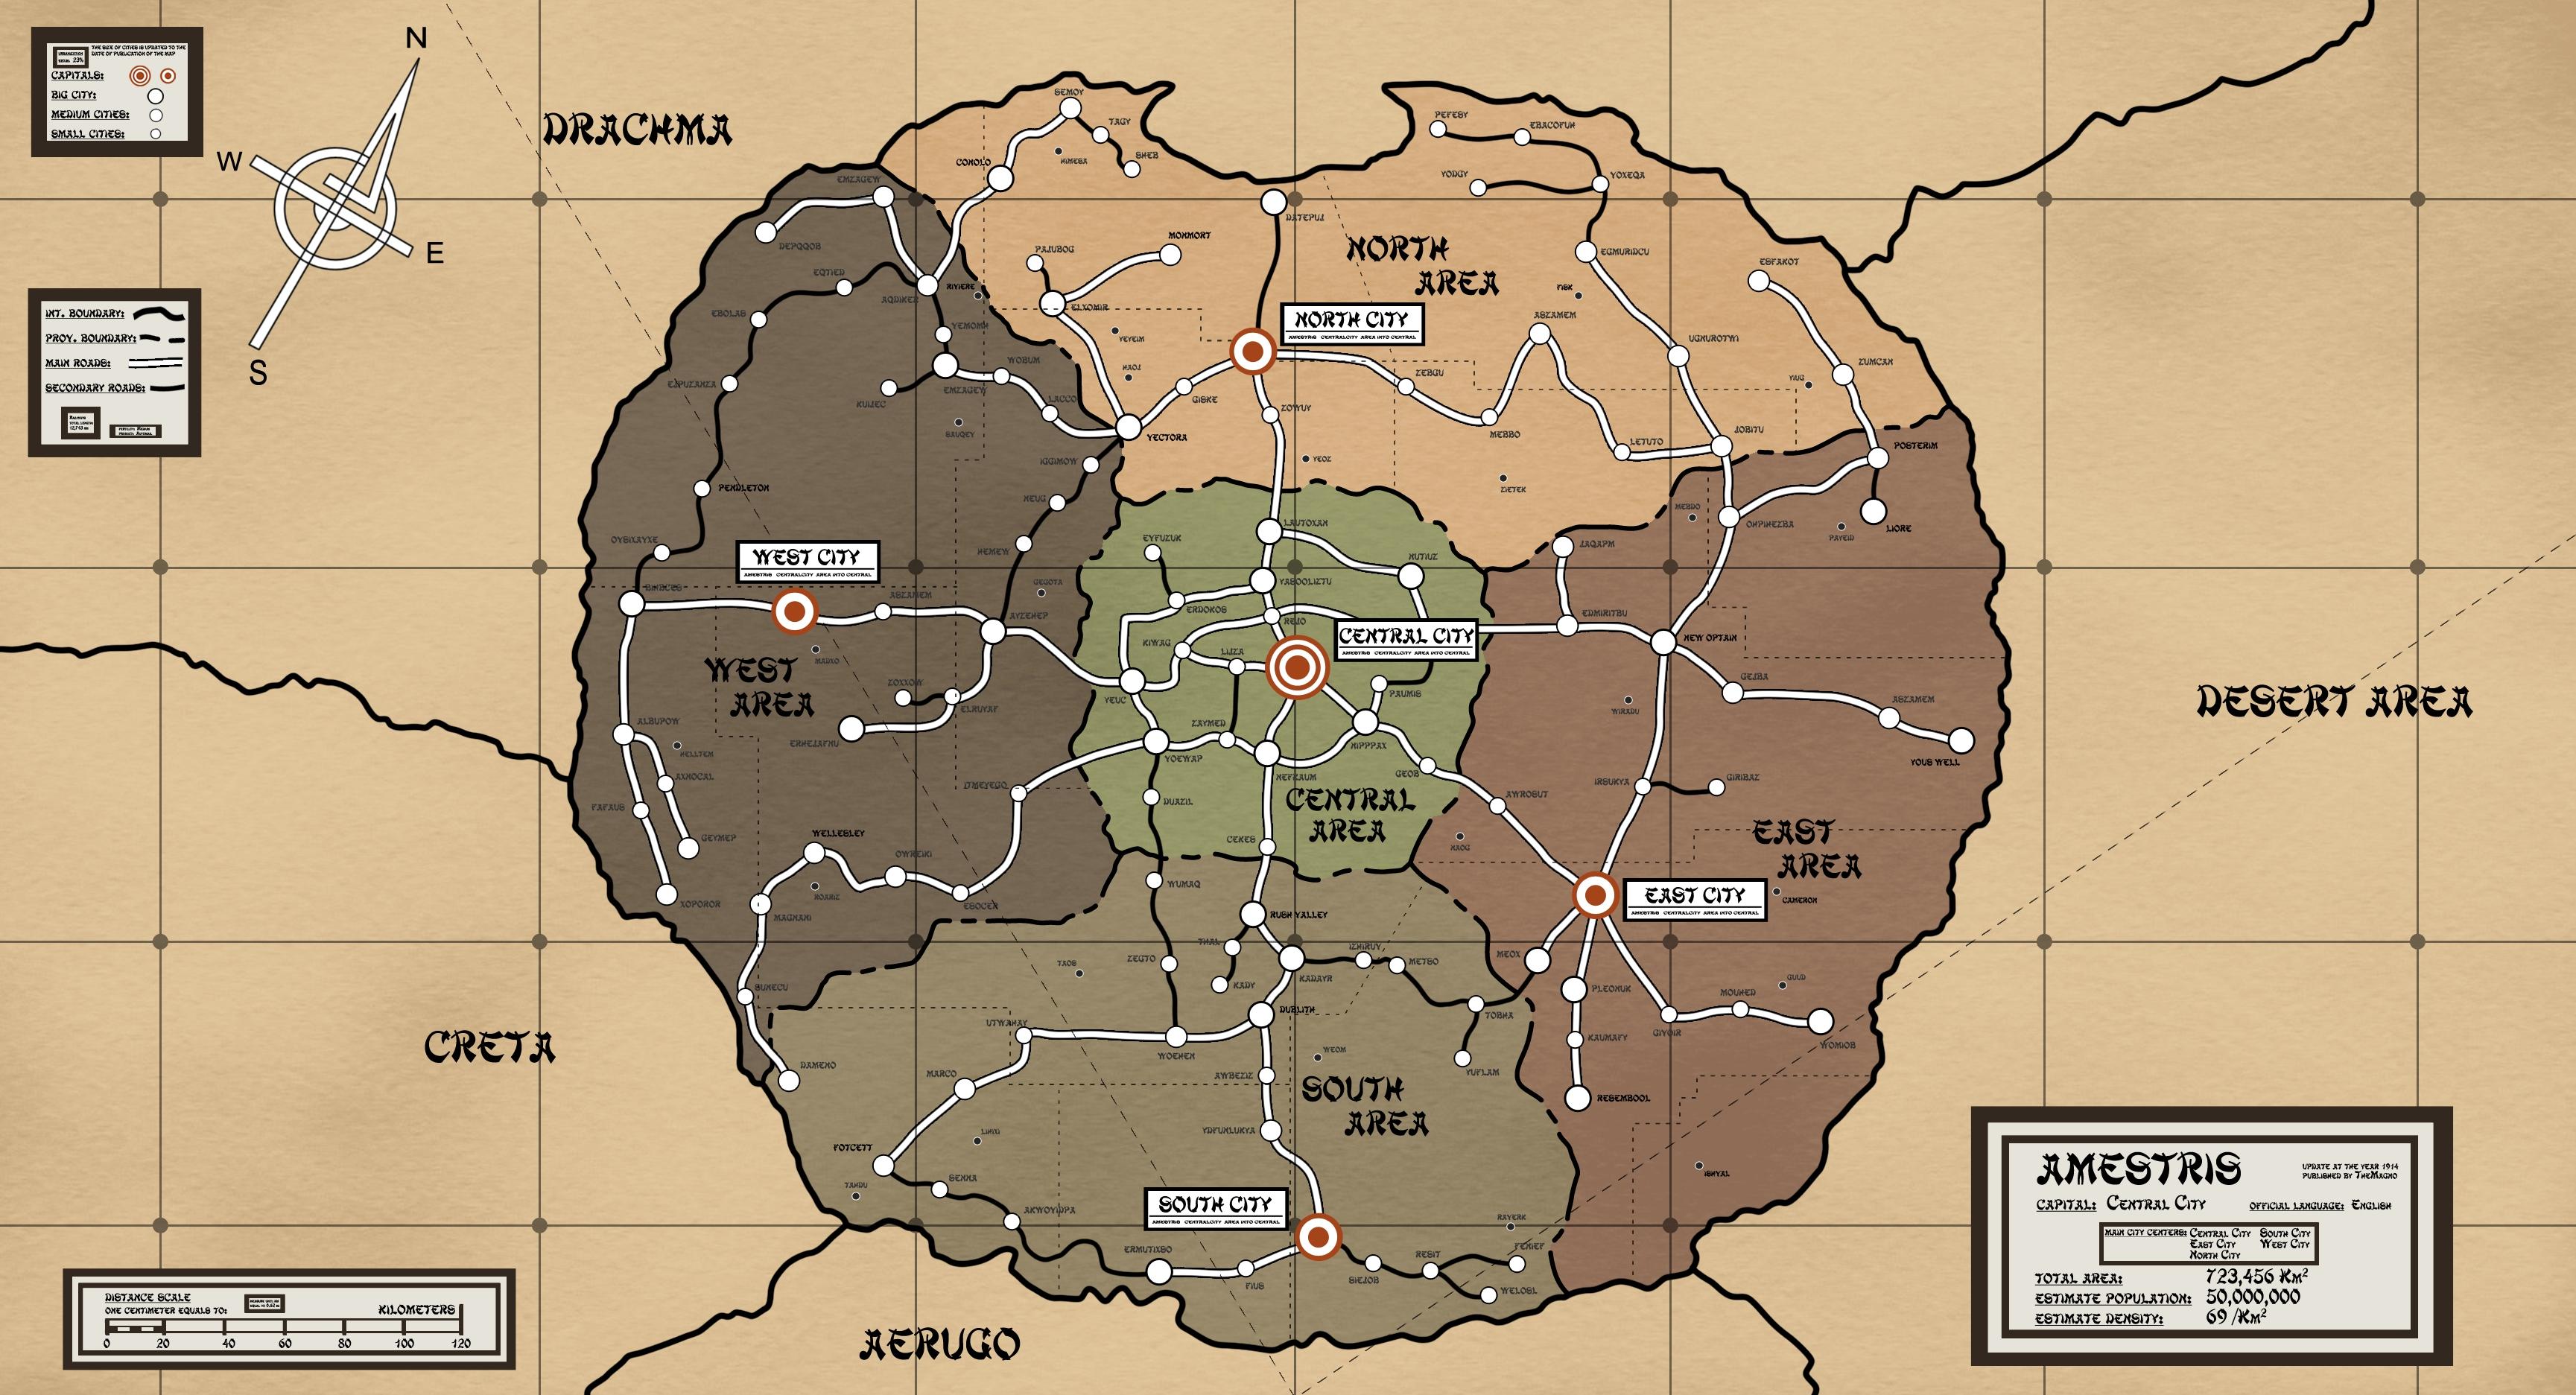 Amestris fullmetal alchemist wiki fandom powered by wikia geography map gumiabroncs Choice Image